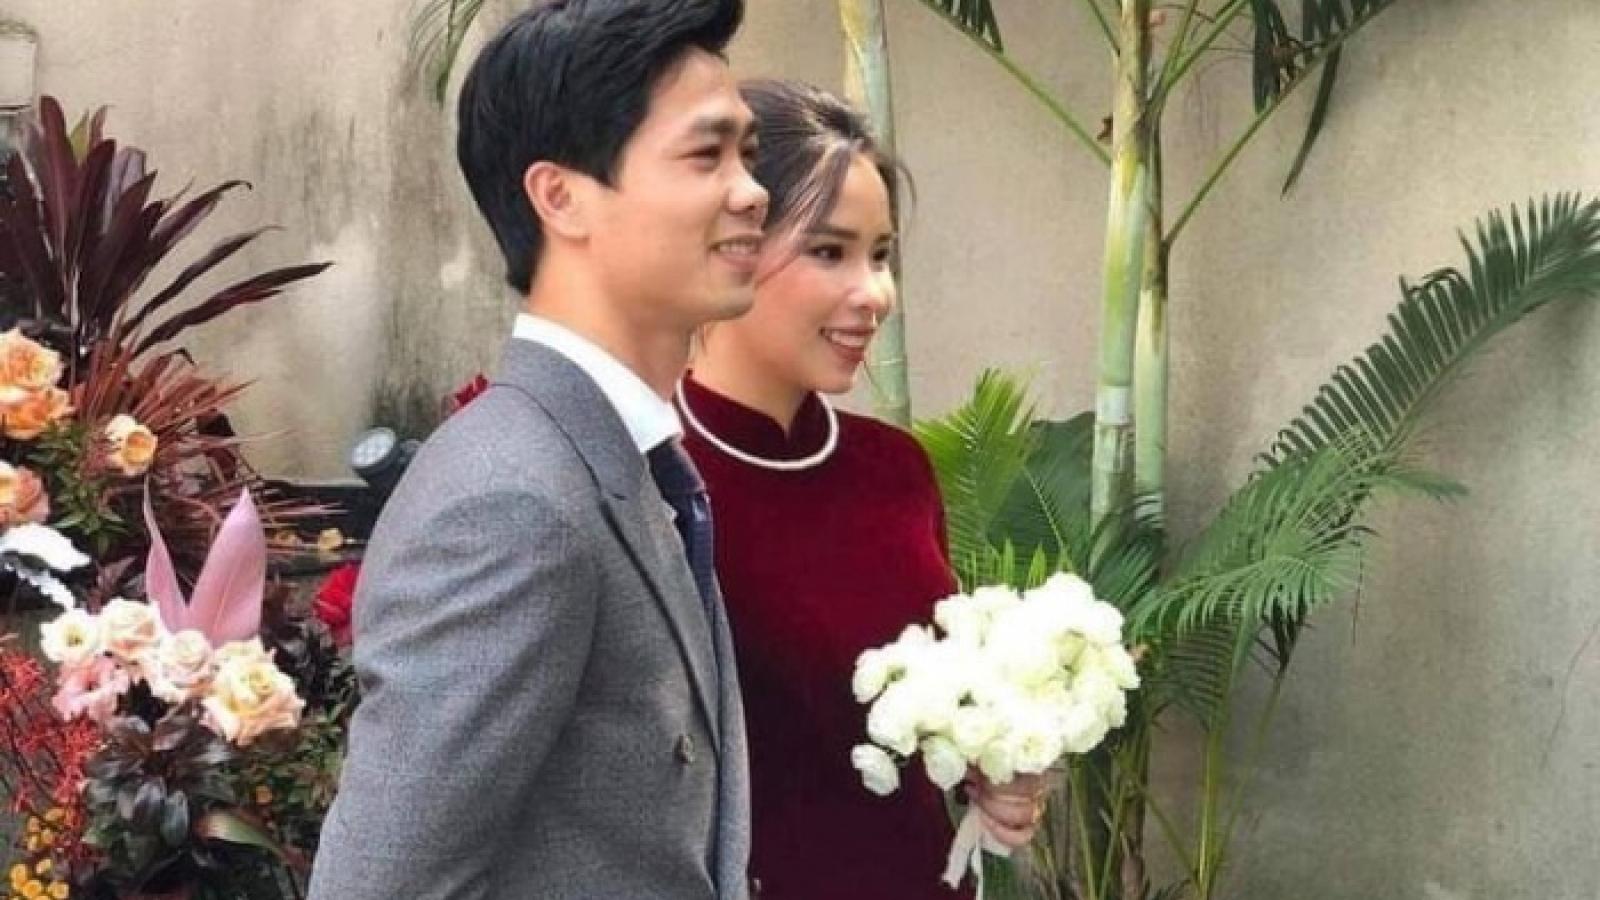 Đám cưới Công Phượng - Viên Minh: Cô dâu chú rể chính thức lộ diện